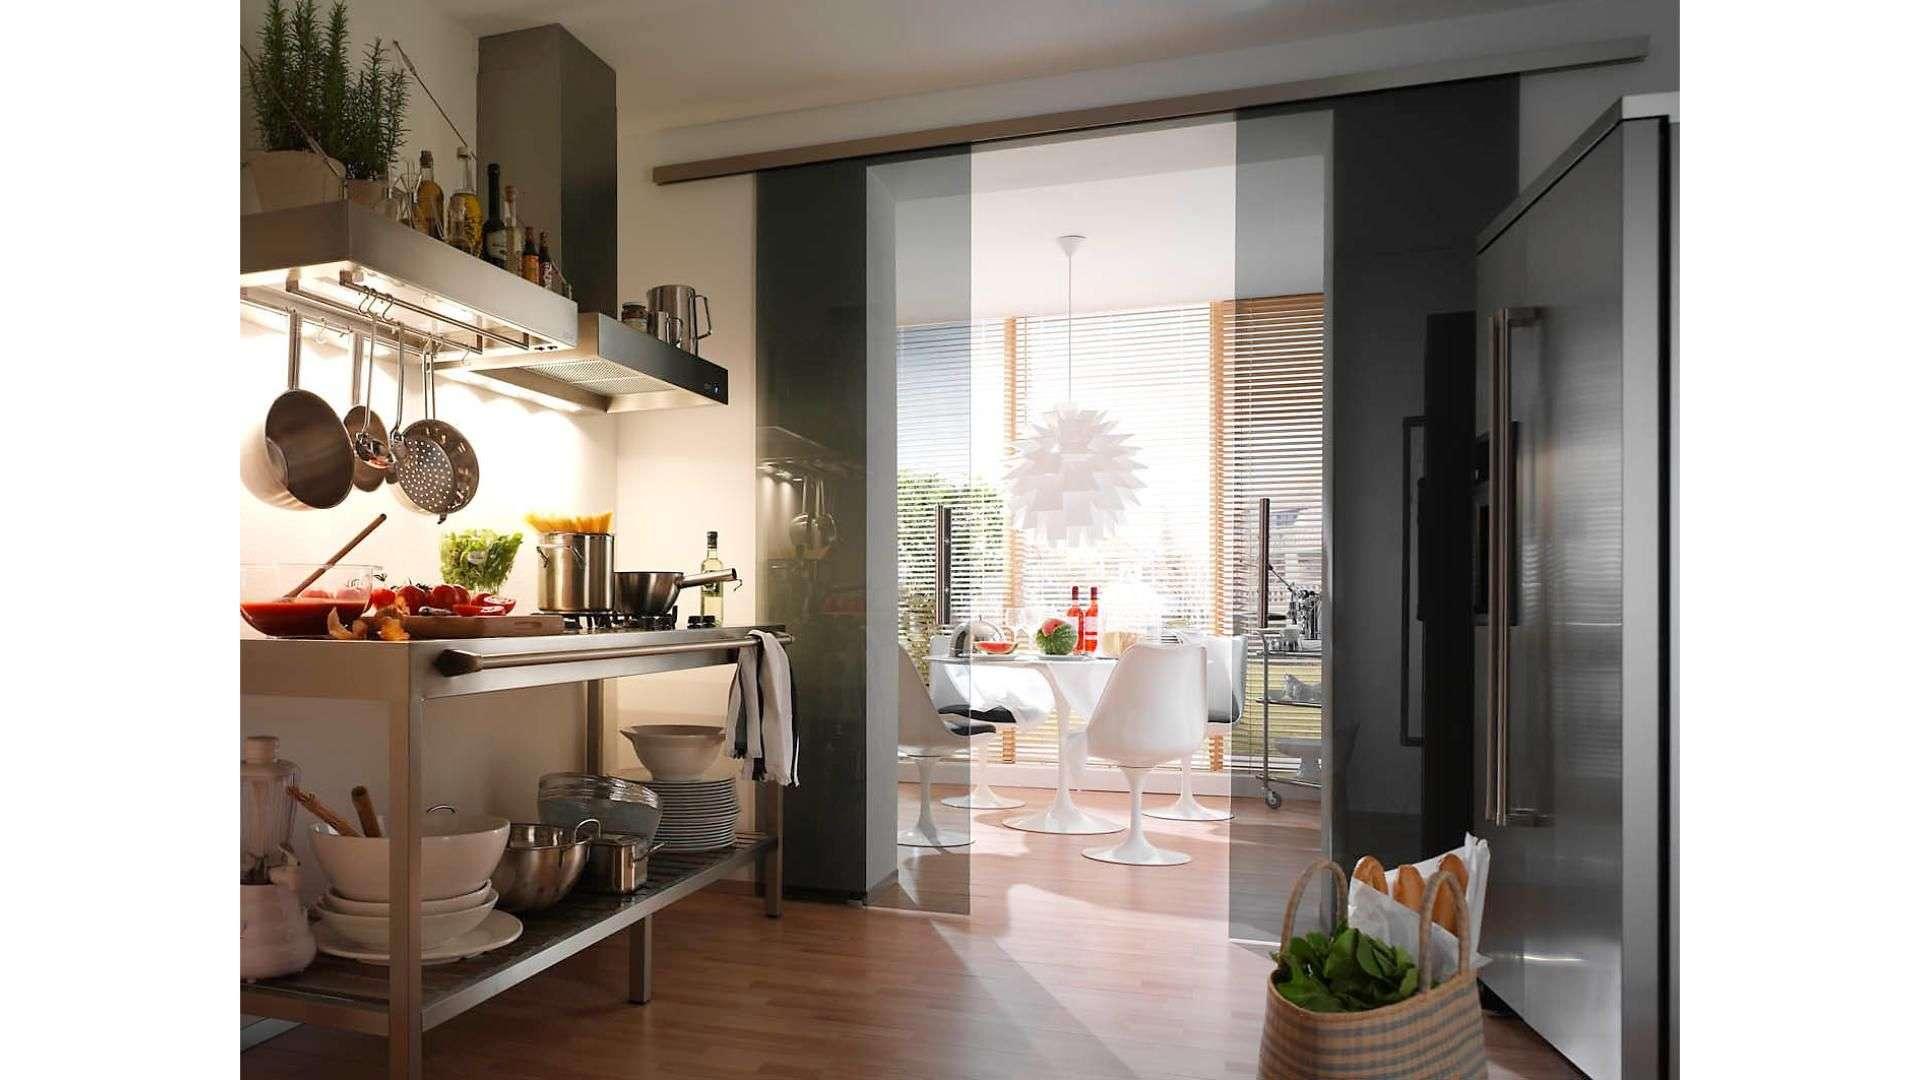 Glas-Schiebetür zwischen Küche und Esszimmer